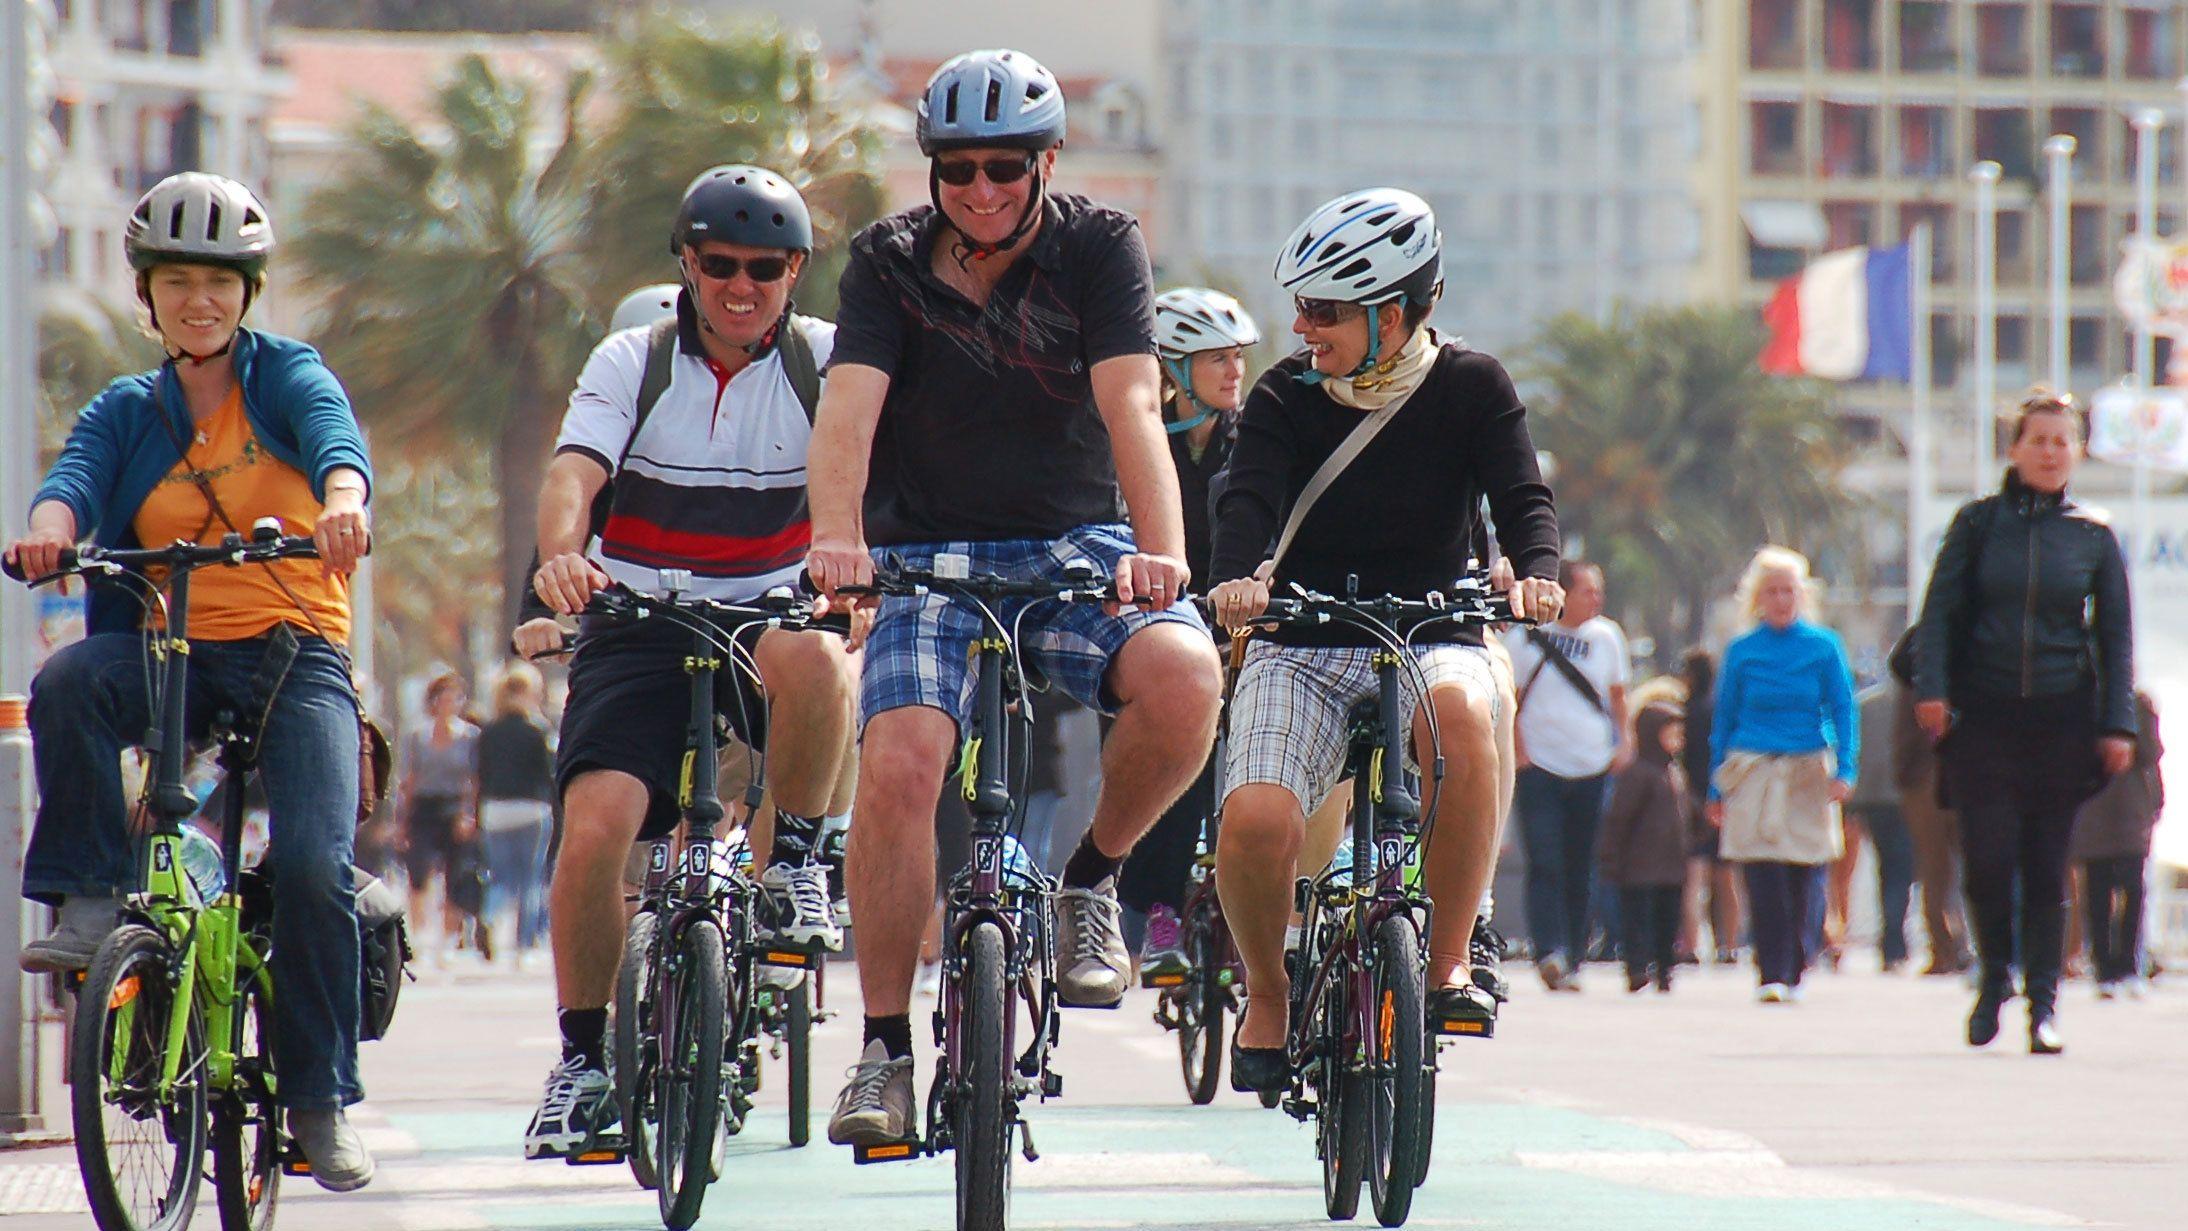 Sykkeltur i Nice (Promenade des Anglais, Colline du Chateau)